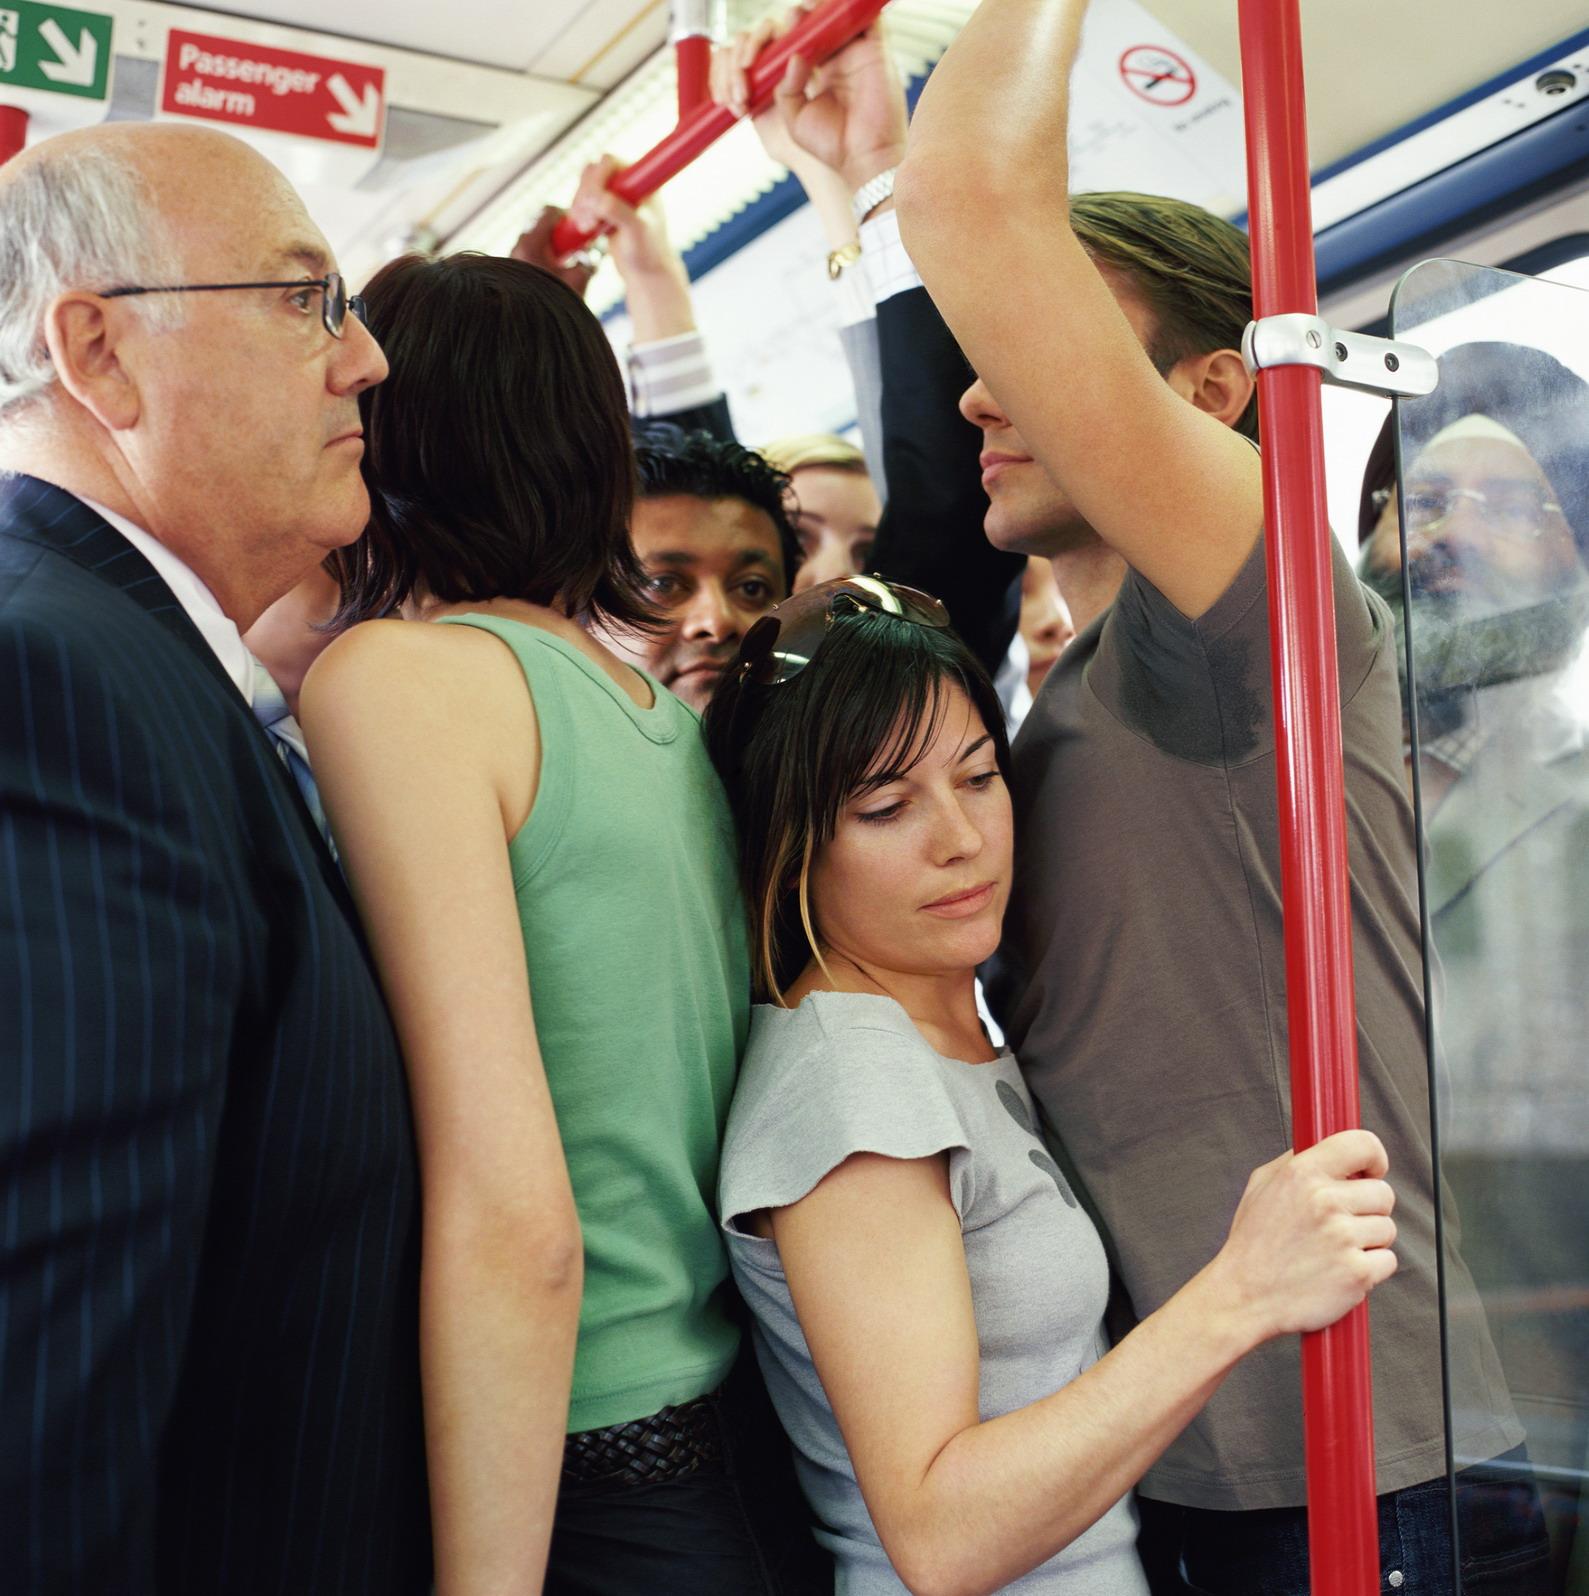 Трогает девушку в транспорте 8 фотография